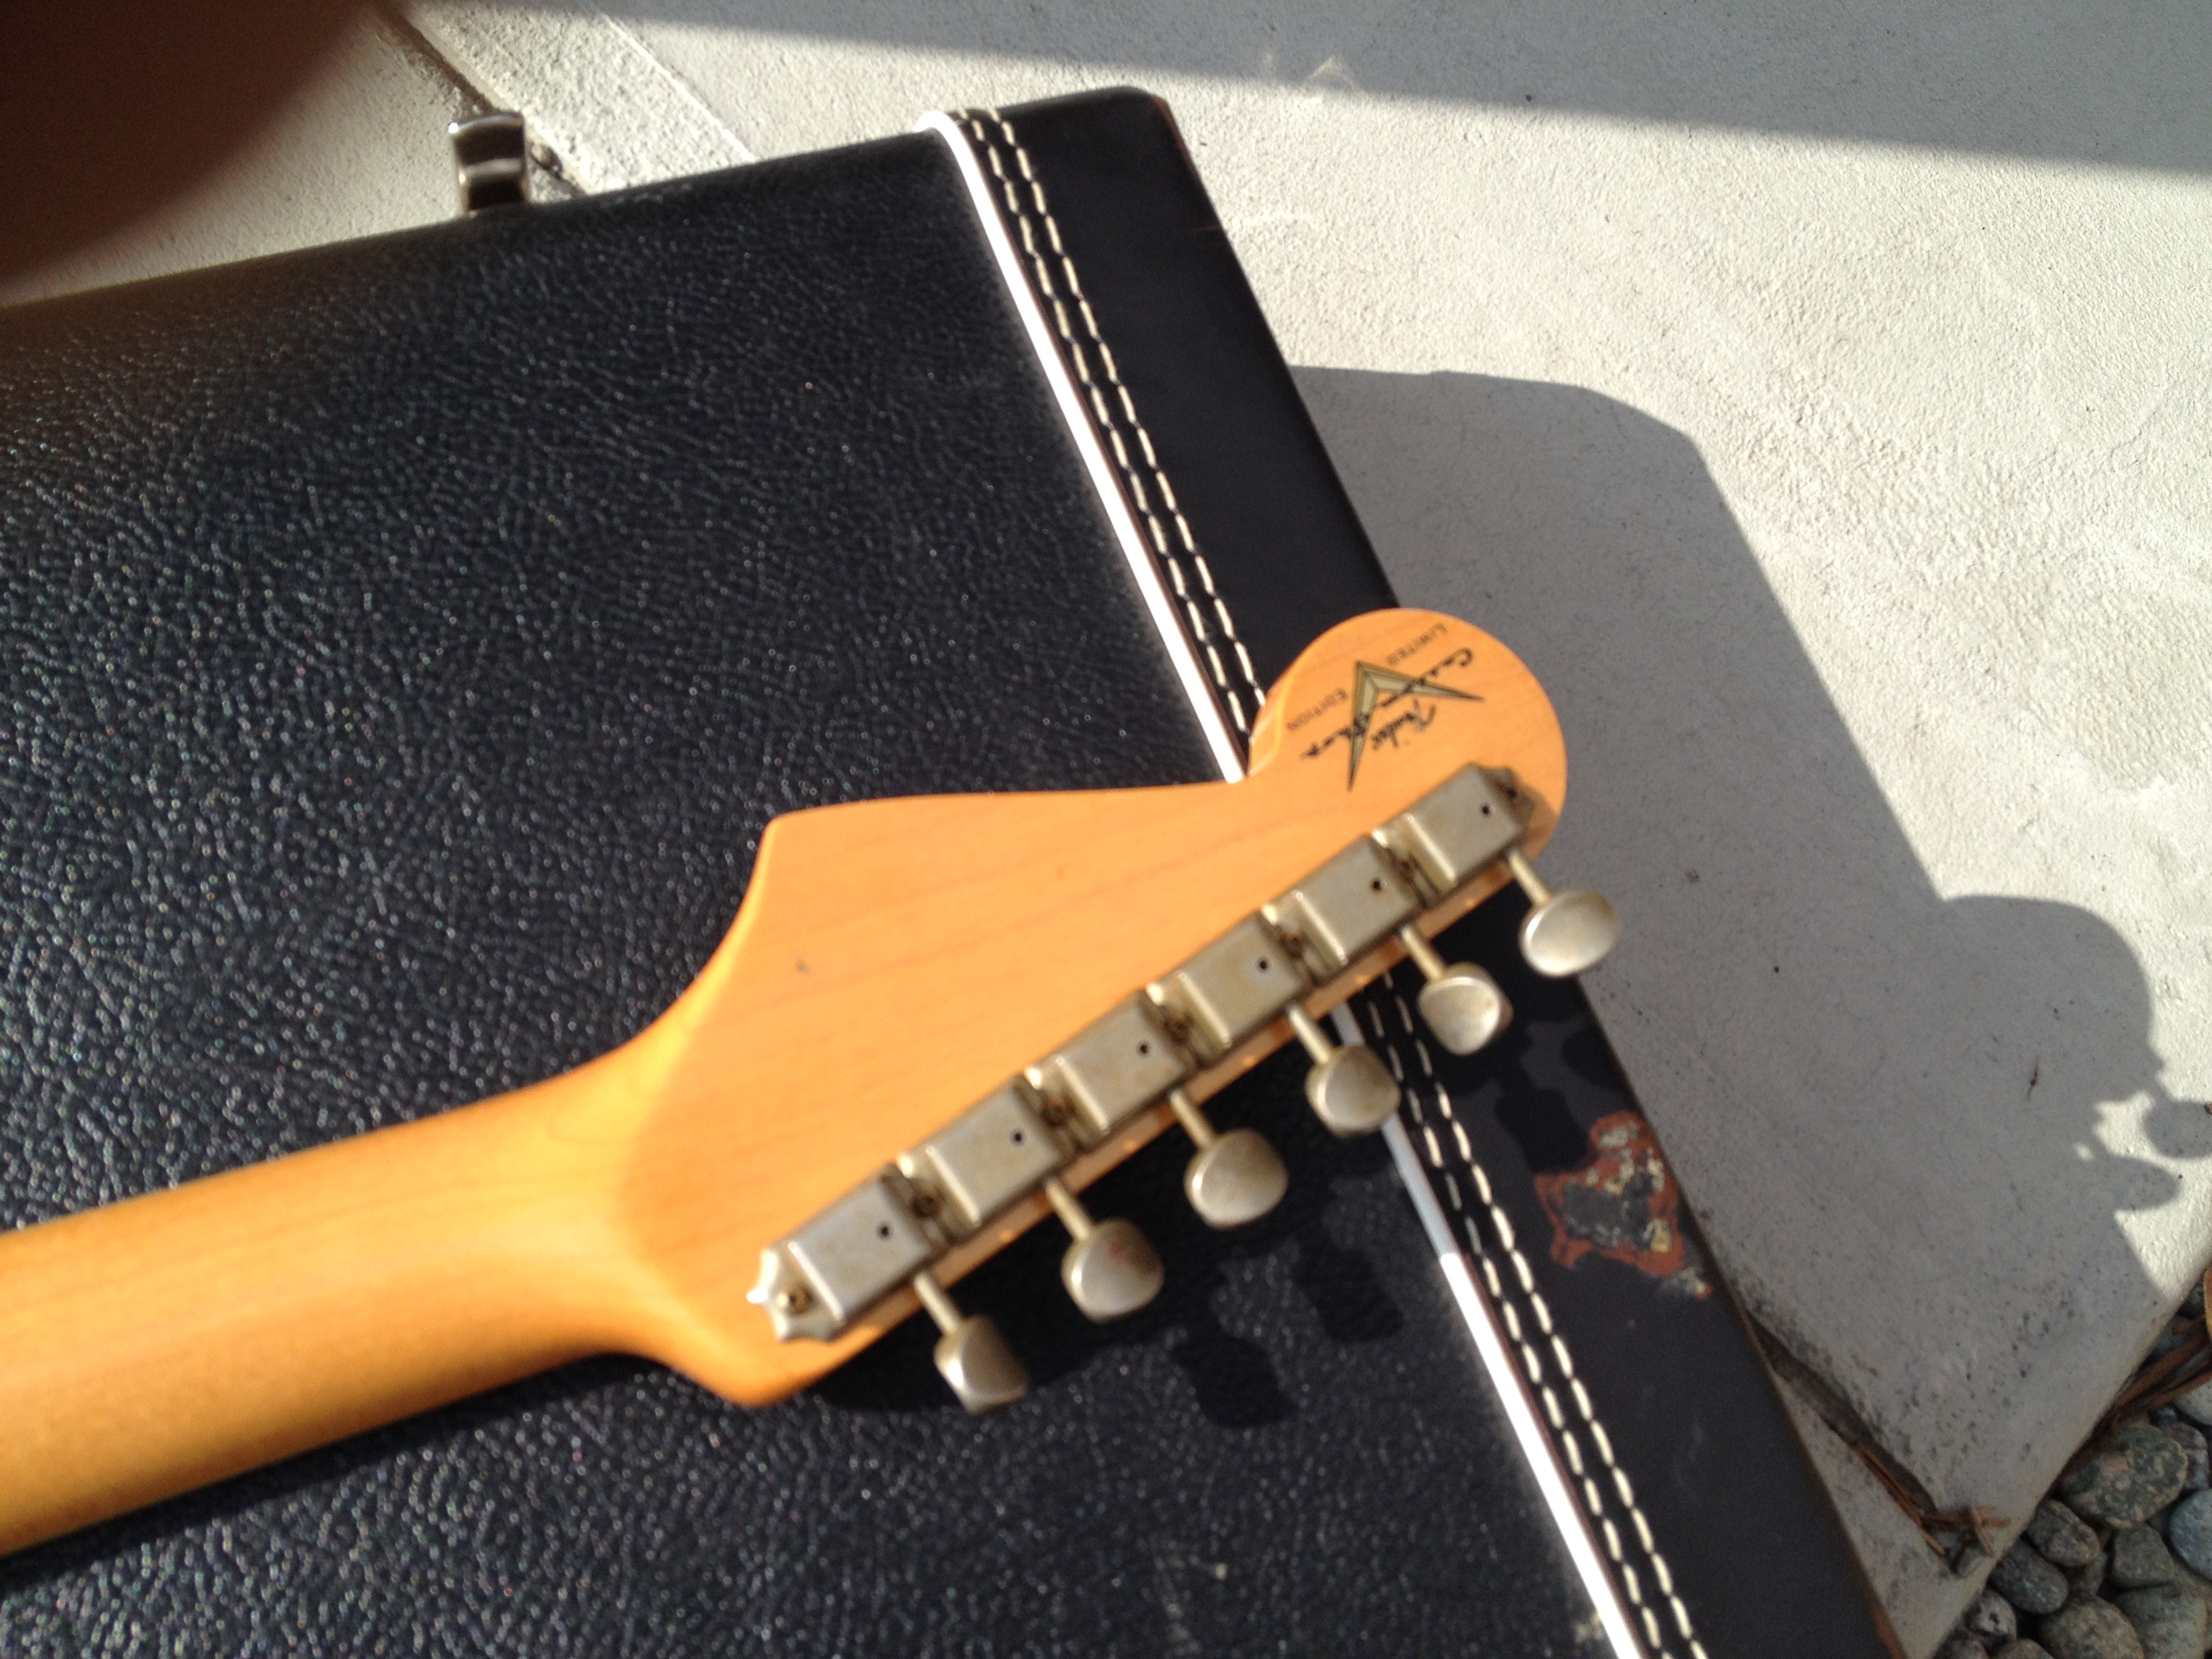 broken string guitars salida guitar shop we buy sell trade new vintage guitars img 0239. Black Bedroom Furniture Sets. Home Design Ideas